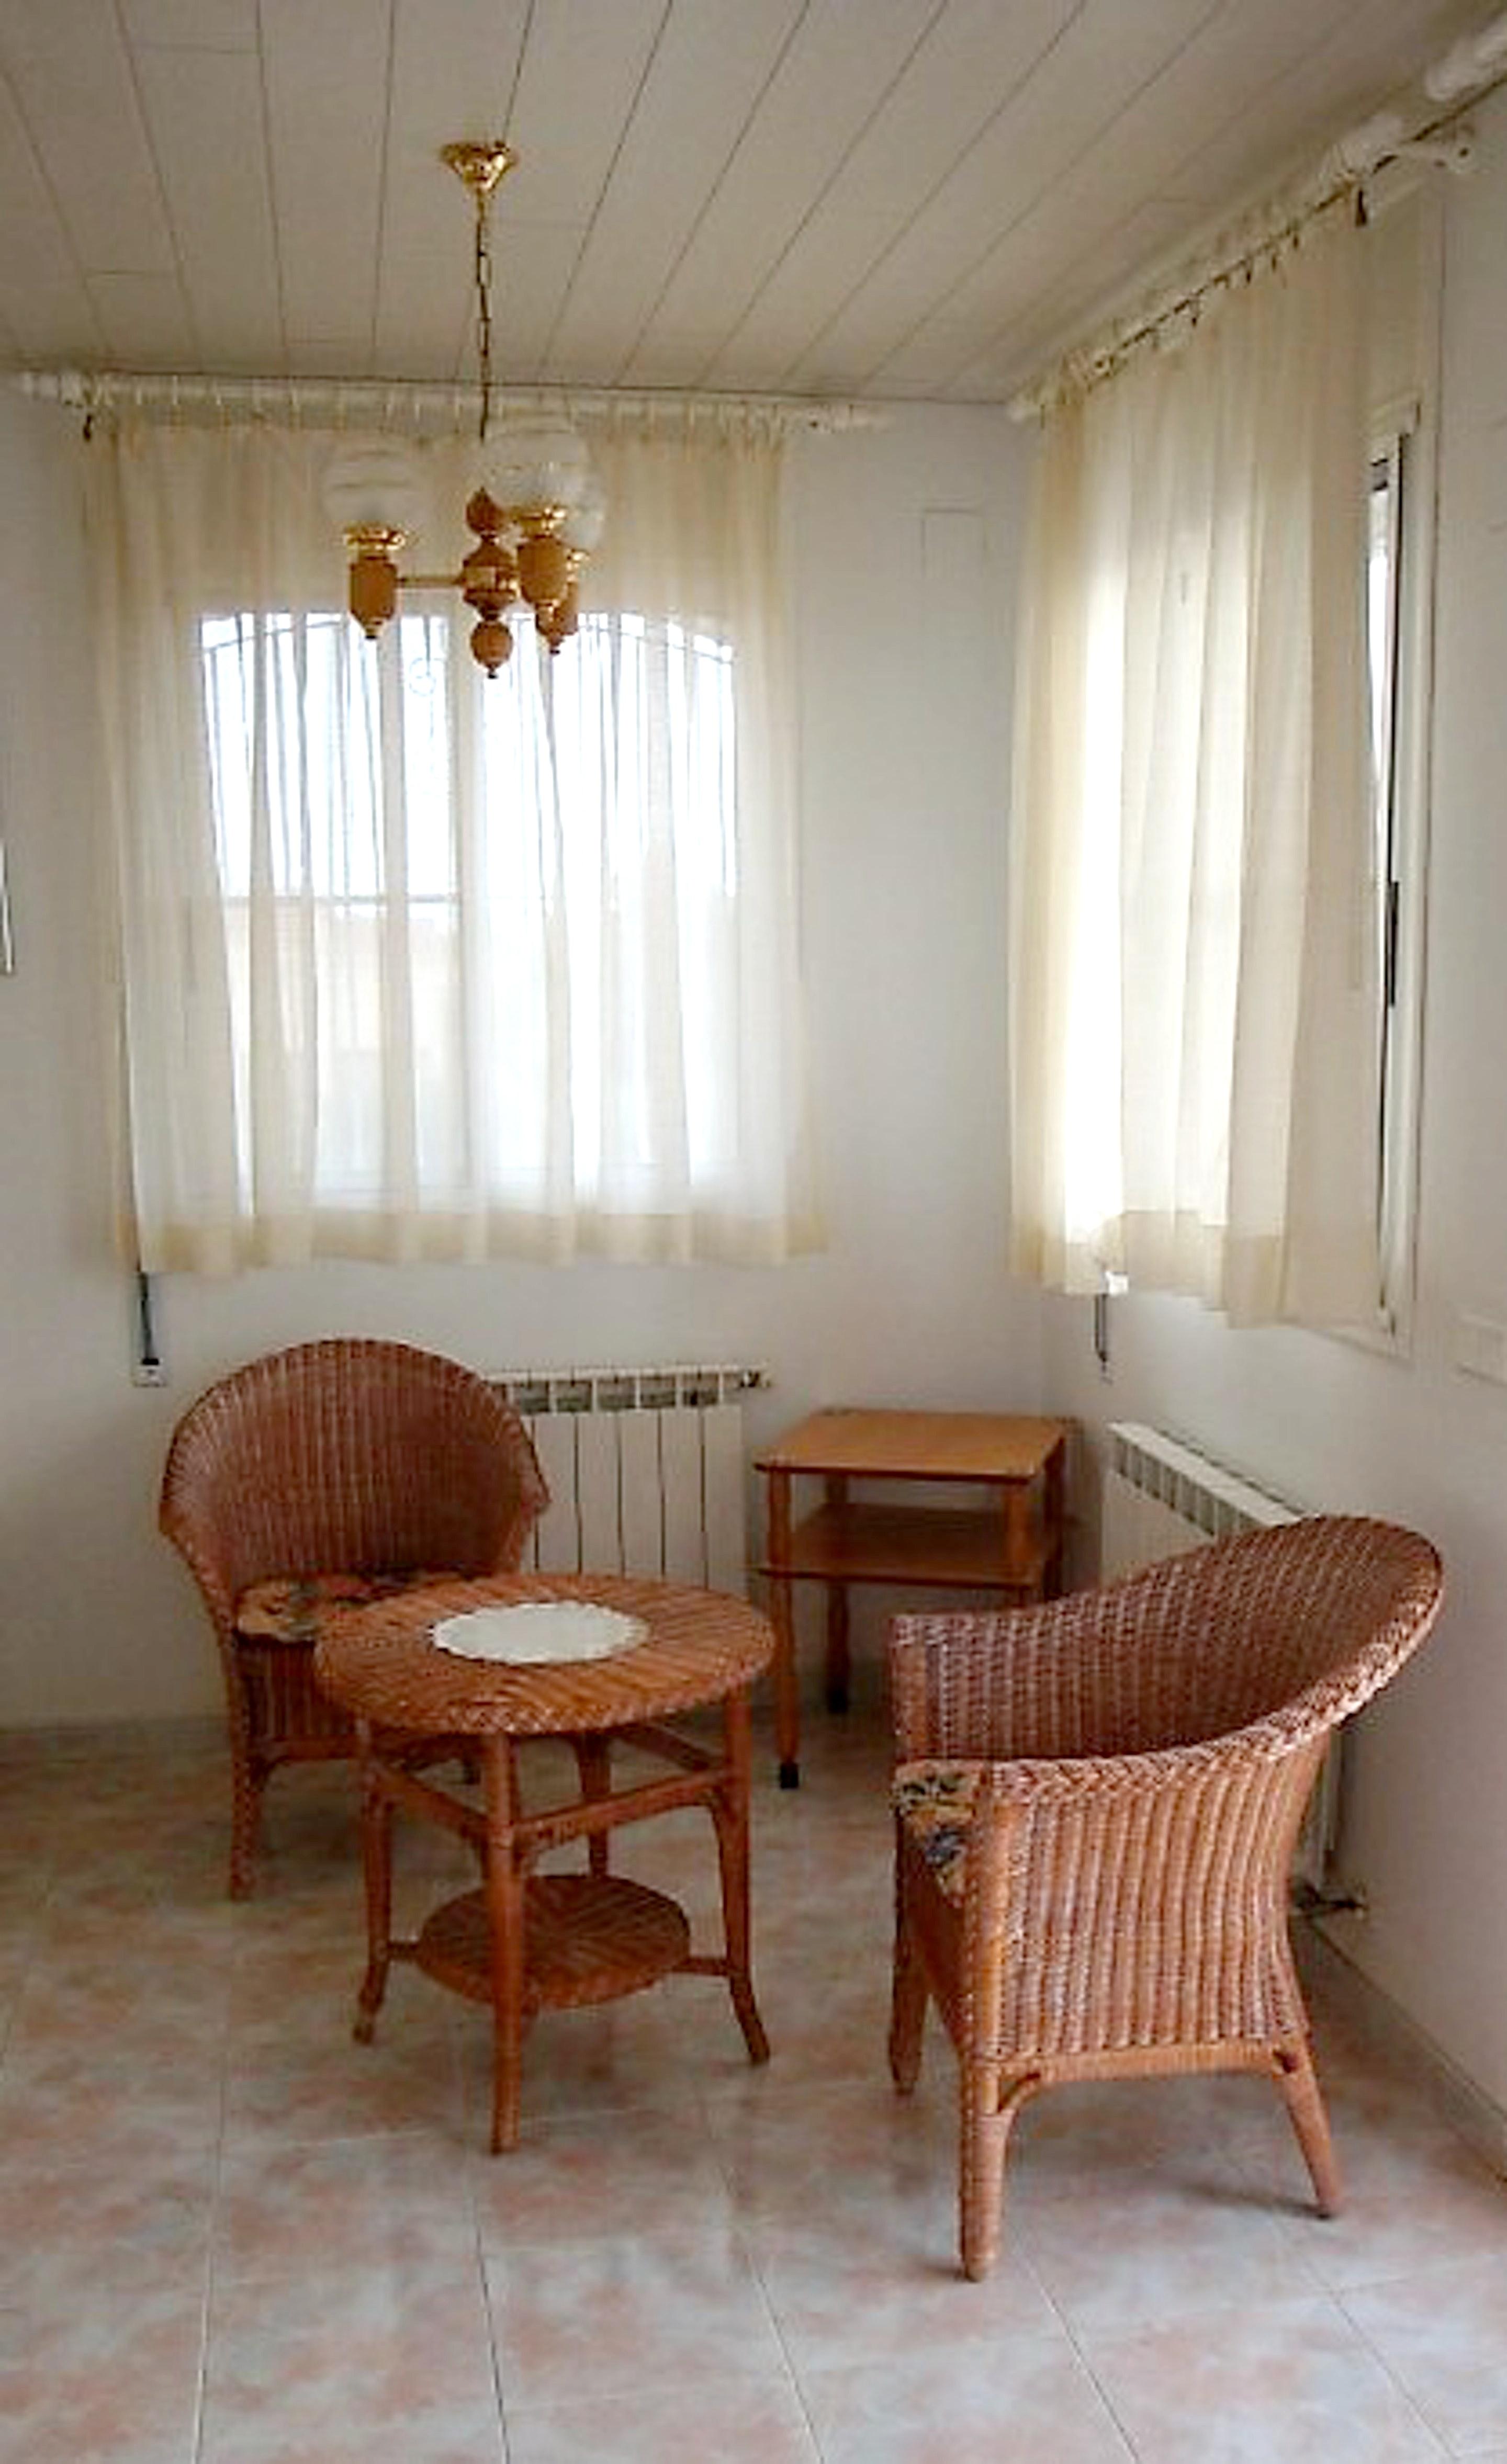 Ferienhaus Villa mit 3 Schlafzimmern in Ampolla mit herrlichem Meerblick, privatem Pool, möbliertem G (2201037), L'Ampolla, Costa Dorada, Katalonien, Spanien, Bild 10